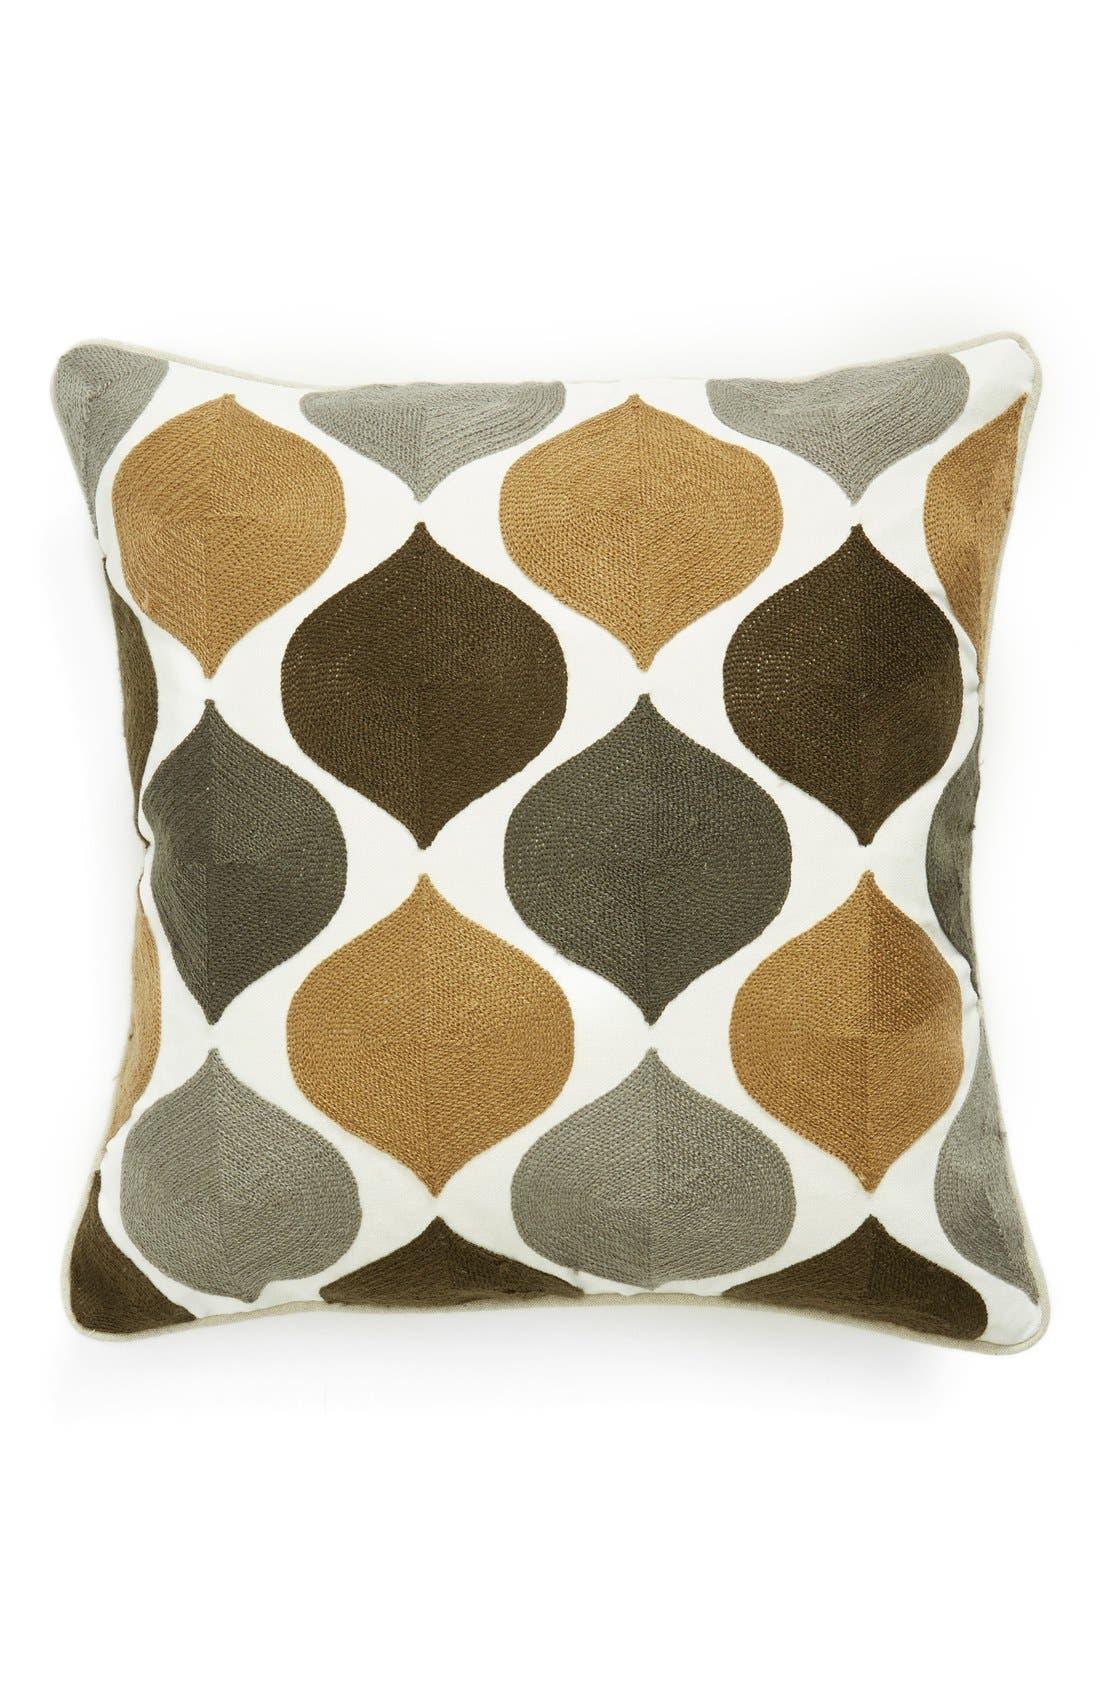 LEVTEX 'Parma' Stitch Pillow, Main, color, 200